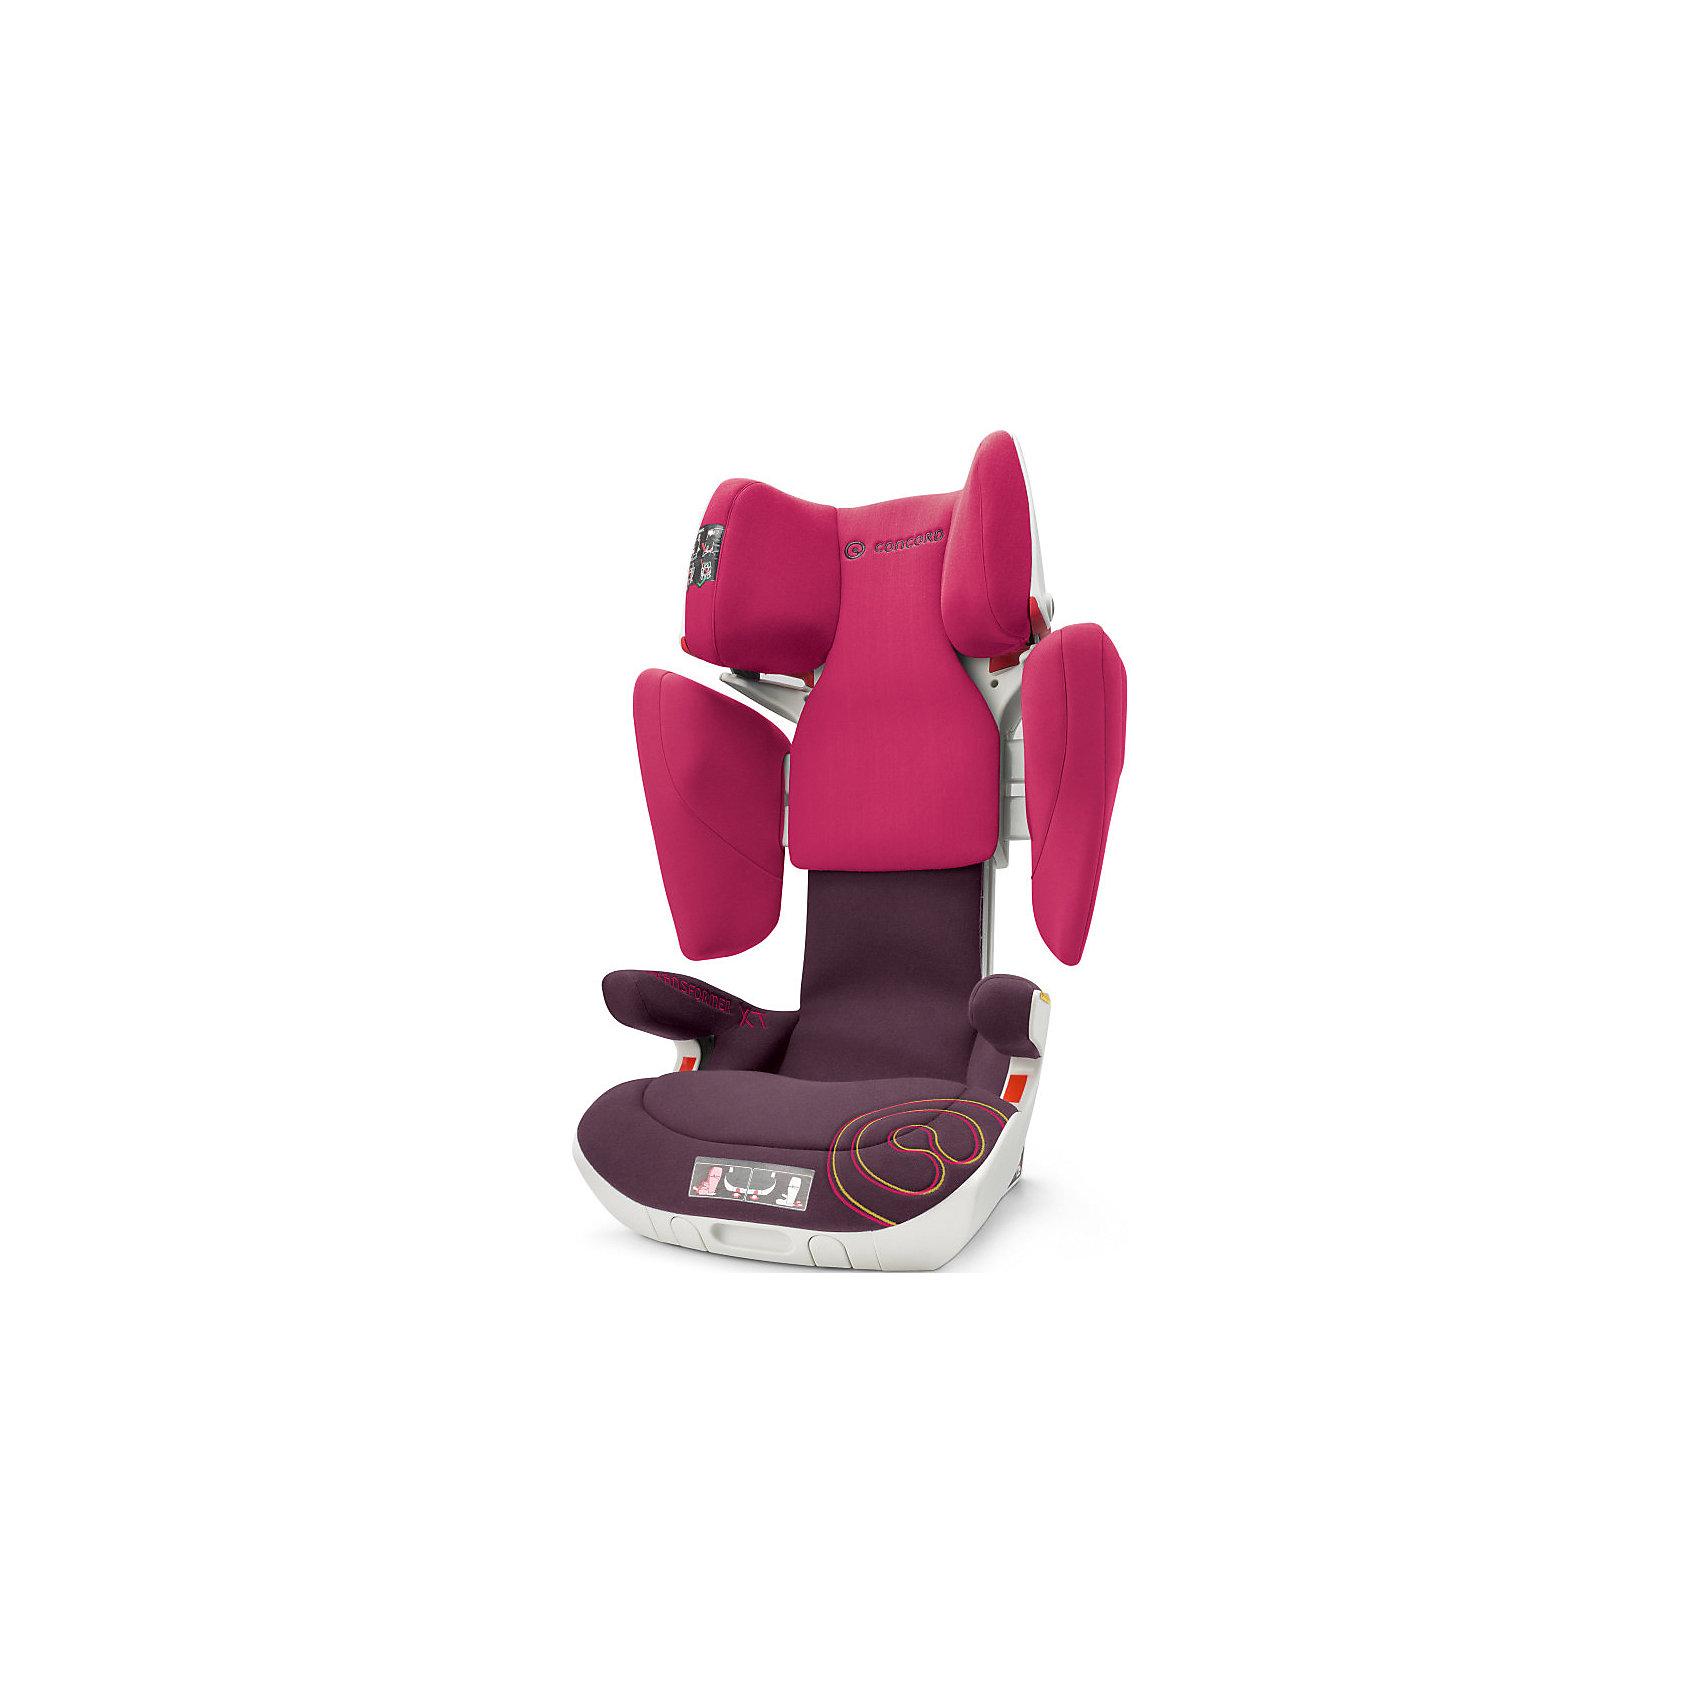 Автокресло Concord Transformer XT, 15-36 кг, Rose Pink 2016Группа 2-3 (От 15 до 36 кг)<br>Характеристики автокресла:<br><br>• группа 2-3;<br>• возраст ребенка: от 3 до 12 лет;<br>• вес ребенка: 15-36 кг;<br>• способ установки: по ходу движения автомобиля;<br>• 2 способа крепления: система TWINFIX или штатные ремни безопасности;<br>• компактный ударопрочный каркас;<br>• защита от боковых ударов;<br>• регулировка наклона спинки;<br>• регулировка подголовника;<br>• регулировка размера кресла;<br>• ортопедические свойства спинки и основания;<br>• встроенный пневмопривод;<br>• размер автокресла: 46х49х62 см;<br>• высота подголовника: 62-82 см;<br>• вес автокресла: 9,9 кг;<br>• вес в упаковке: 11 кг;<br>• материал: пластик, полиэстер;<br>• стандарт безопасности: ECE R44/04.<br><br>Автокресло Concord Transformer XT имеет прочный каркас, который надежно защищает ребенка во время поездки. Боковые подушки имеют дополнительный слой энергопоглощающей изоляции, которая понижает силу удара. Автокресло с ортопедической спинкой, которая способствует правильному формированию позвоночника. Наполнитель автокресла Трансформер ИксТи обладает эффектом памяти, который со временем принимает форму тела ребенка.<br><br>Установка автокресла: устанавливается по ходу движения с помощью системы isofix. Ребенок в автокресле фиксируется штатным ремнем автомобиля. При отсутствии крепления isofix можно установить автокресло при помощи штатных ремней безопасности. Направляющие с защелками для ремня в подголовнике исключают его самопроизвольное выпадение.<br><br>Автокресло Transformer XT, 15-36 кг., Concord, Rose Pink можно купить в нашем интернет-магазине.<br><br>Ширина мм: 450<br>Глубина мм: 450<br>Высота мм: 640<br>Вес г: 11000<br>Цвет: розовый<br>Возраст от месяцев: 36<br>Возраст до месяцев: 144<br>Пол: Женский<br>Возраст: Детский<br>SKU: 4779883